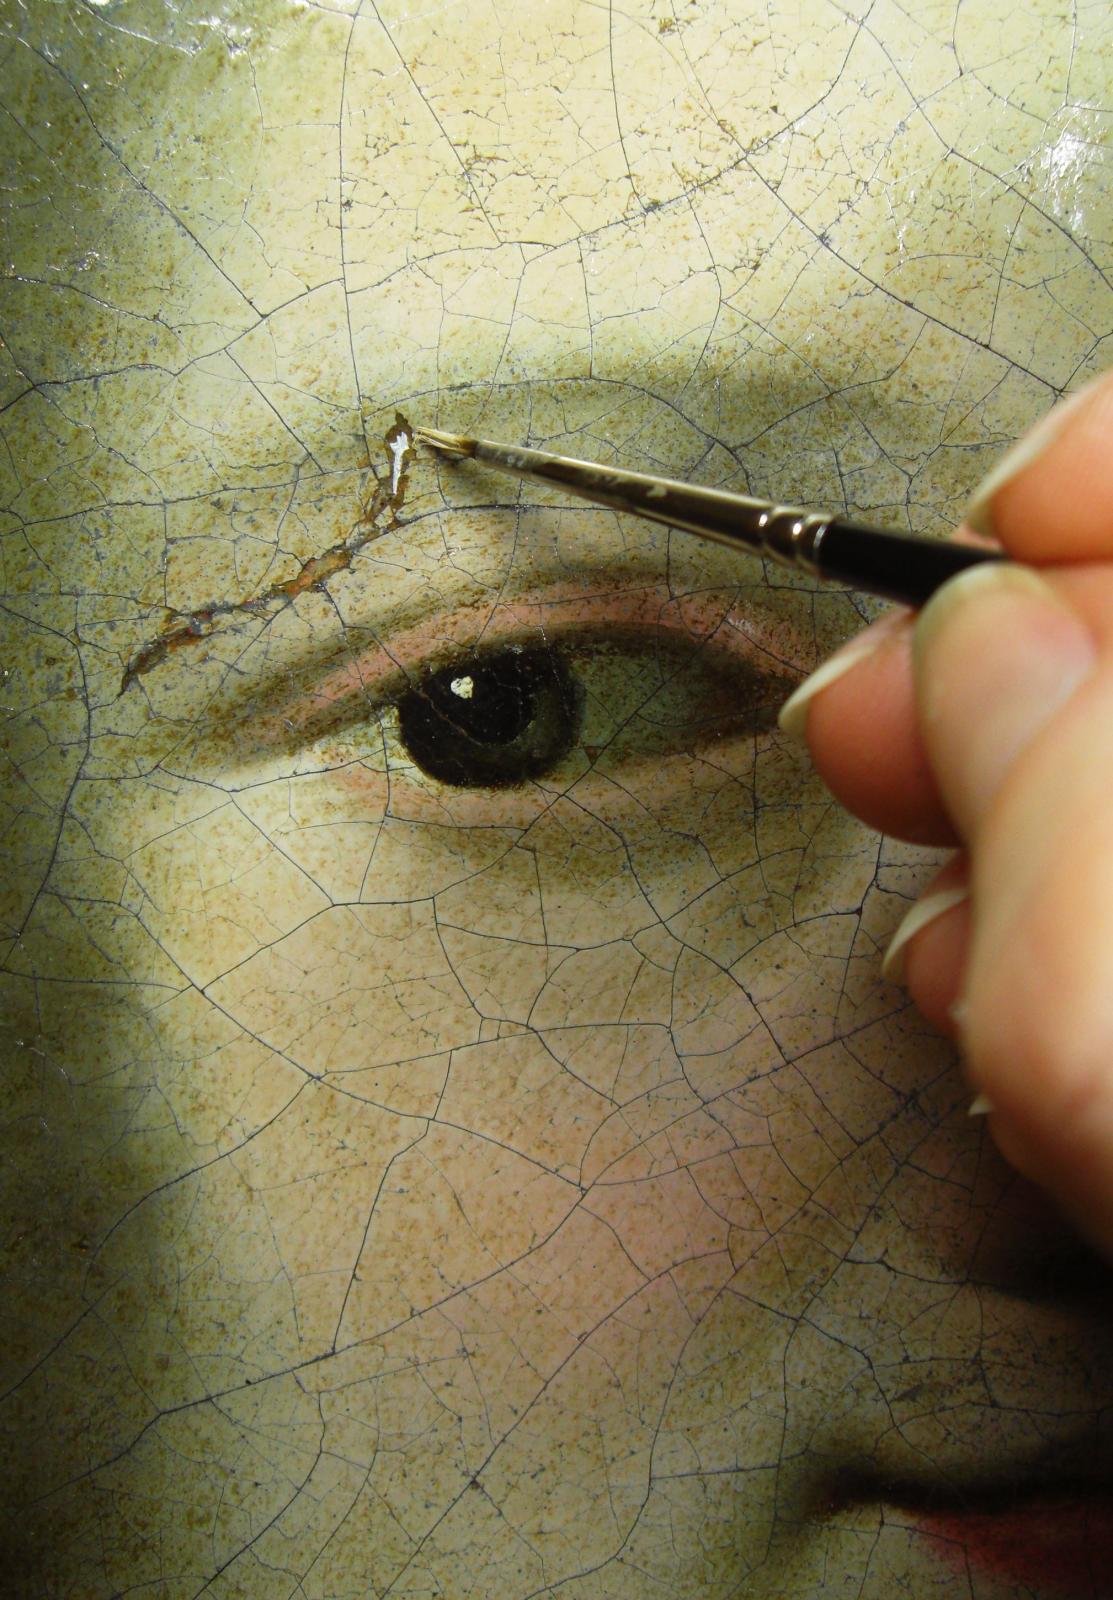 Atelier de Sonia, conservation et restauration de tableaux, huile sur toile, école espagnole du XVIIIesiècle en cours de réintégration chromatique, 6